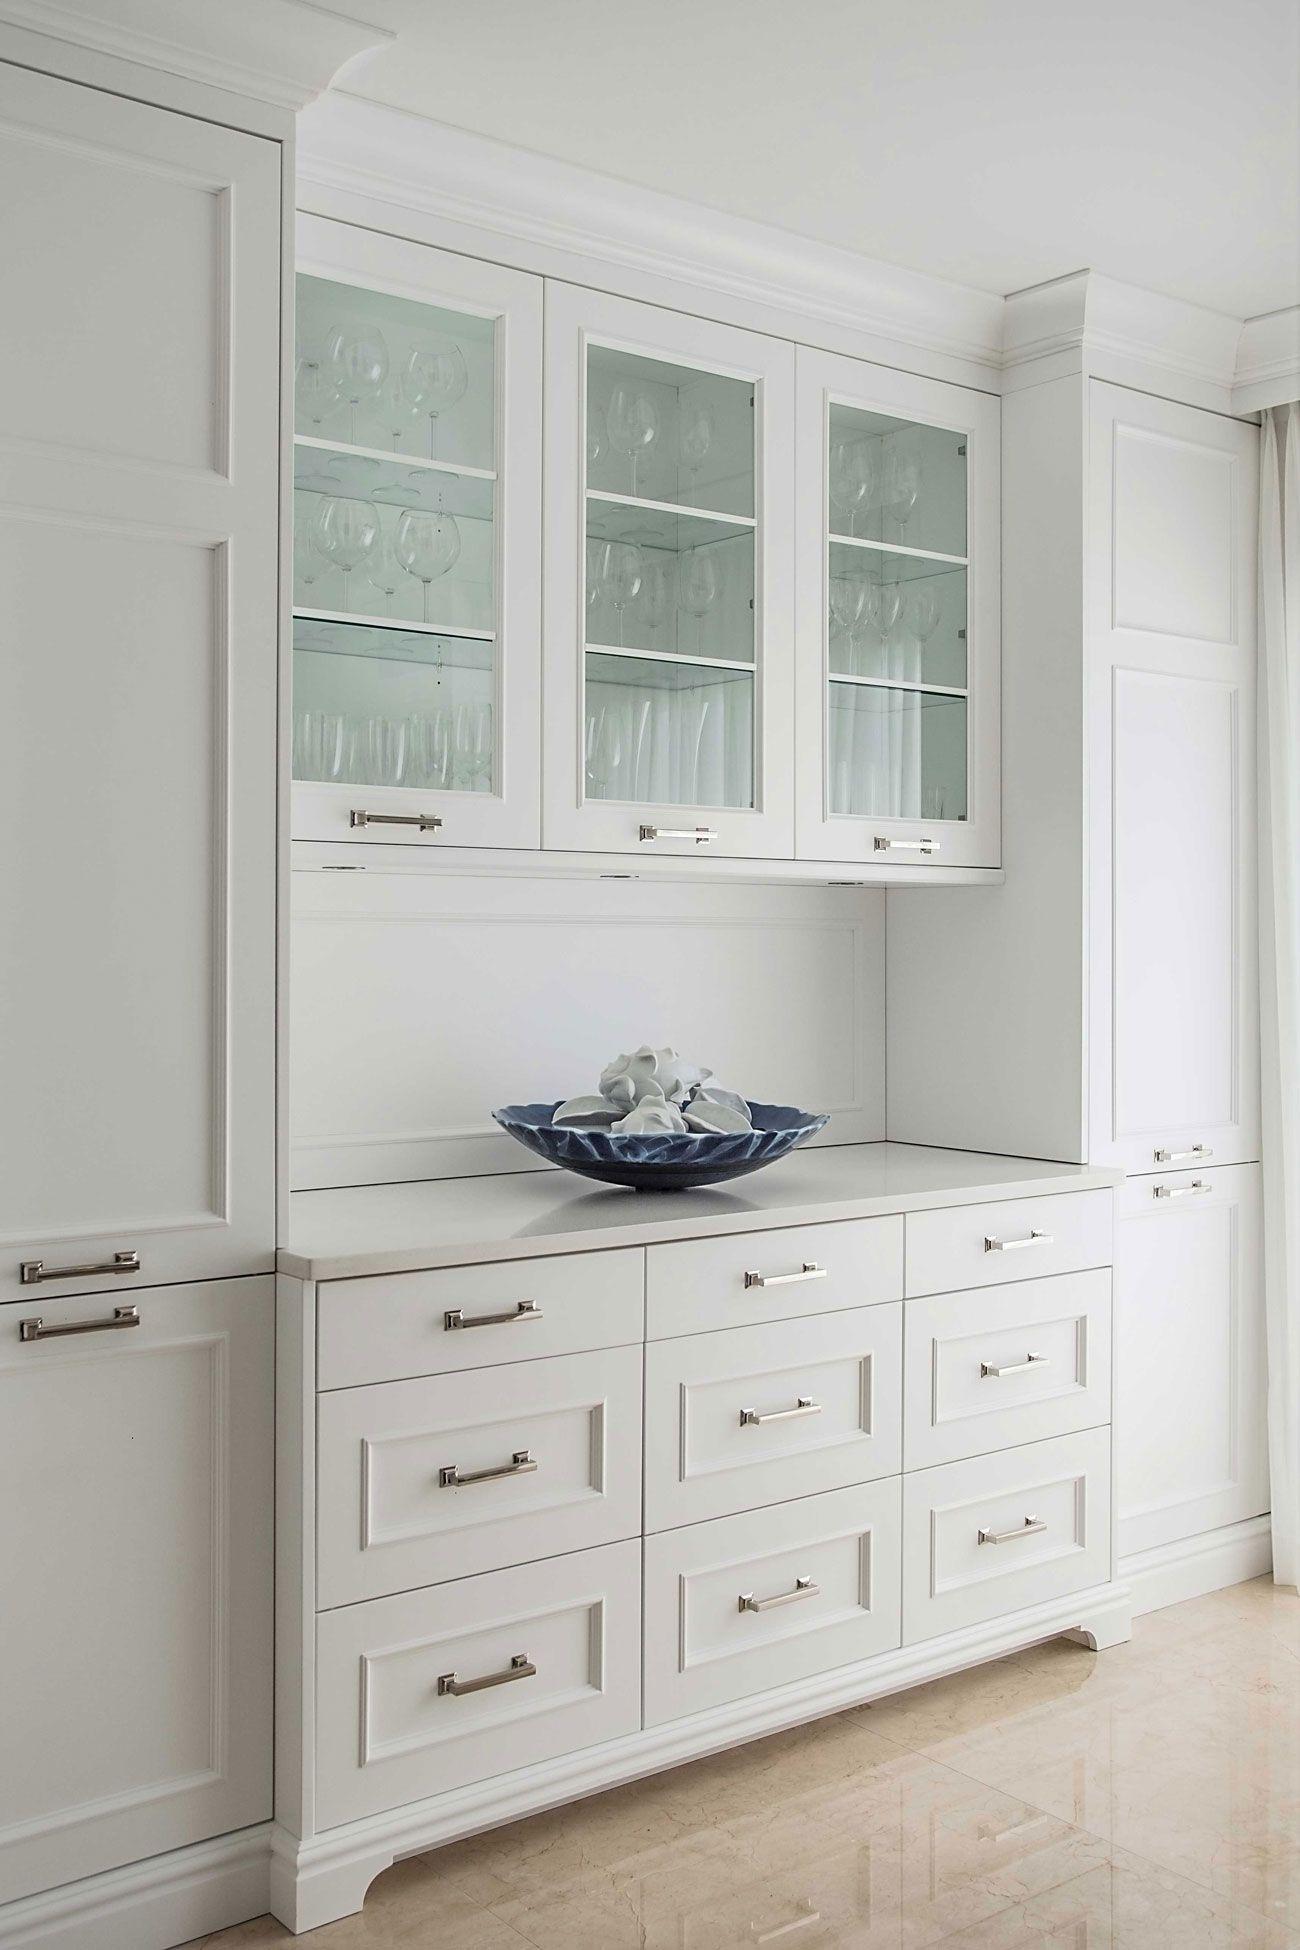 Cuisine Au Design Classique Dining Room Cabinet Dining Room Storage Dining Room Remodel